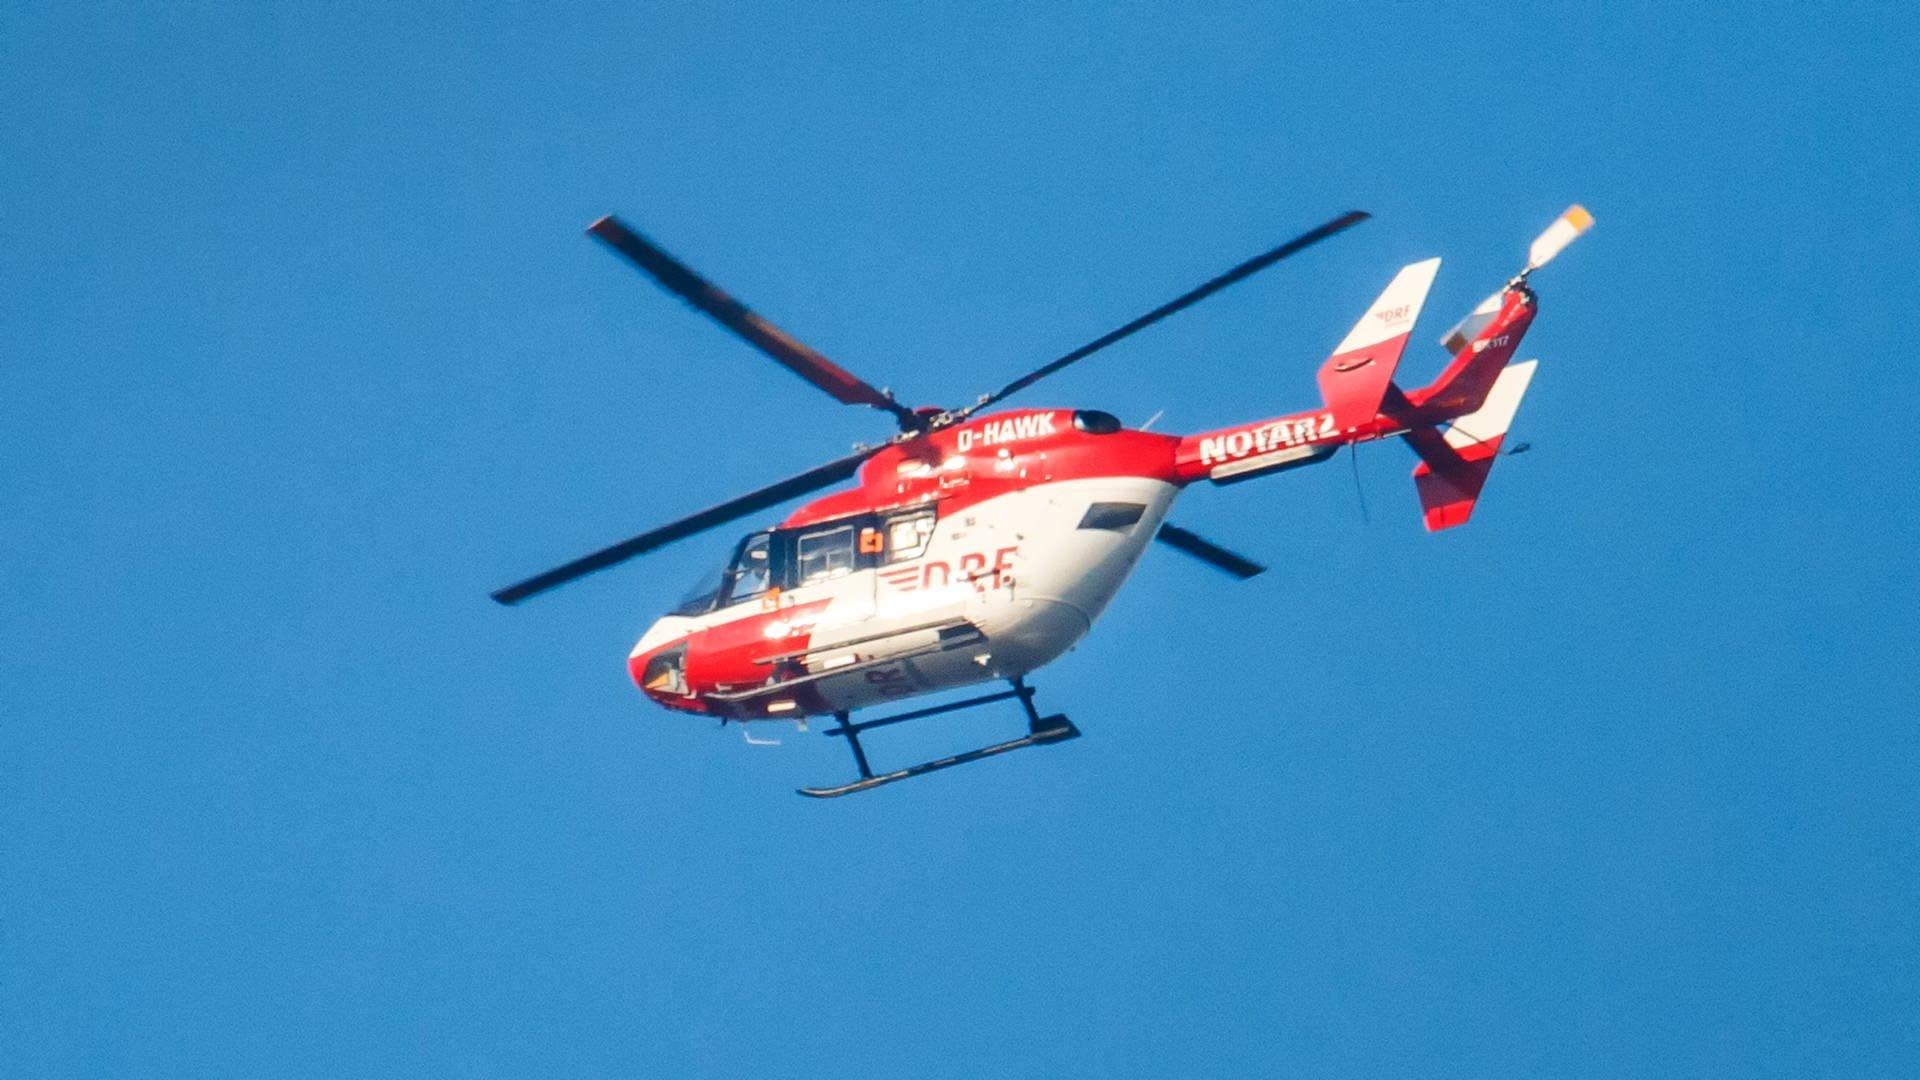 Ein roter Rettungshubschrauber am blauen Himmel